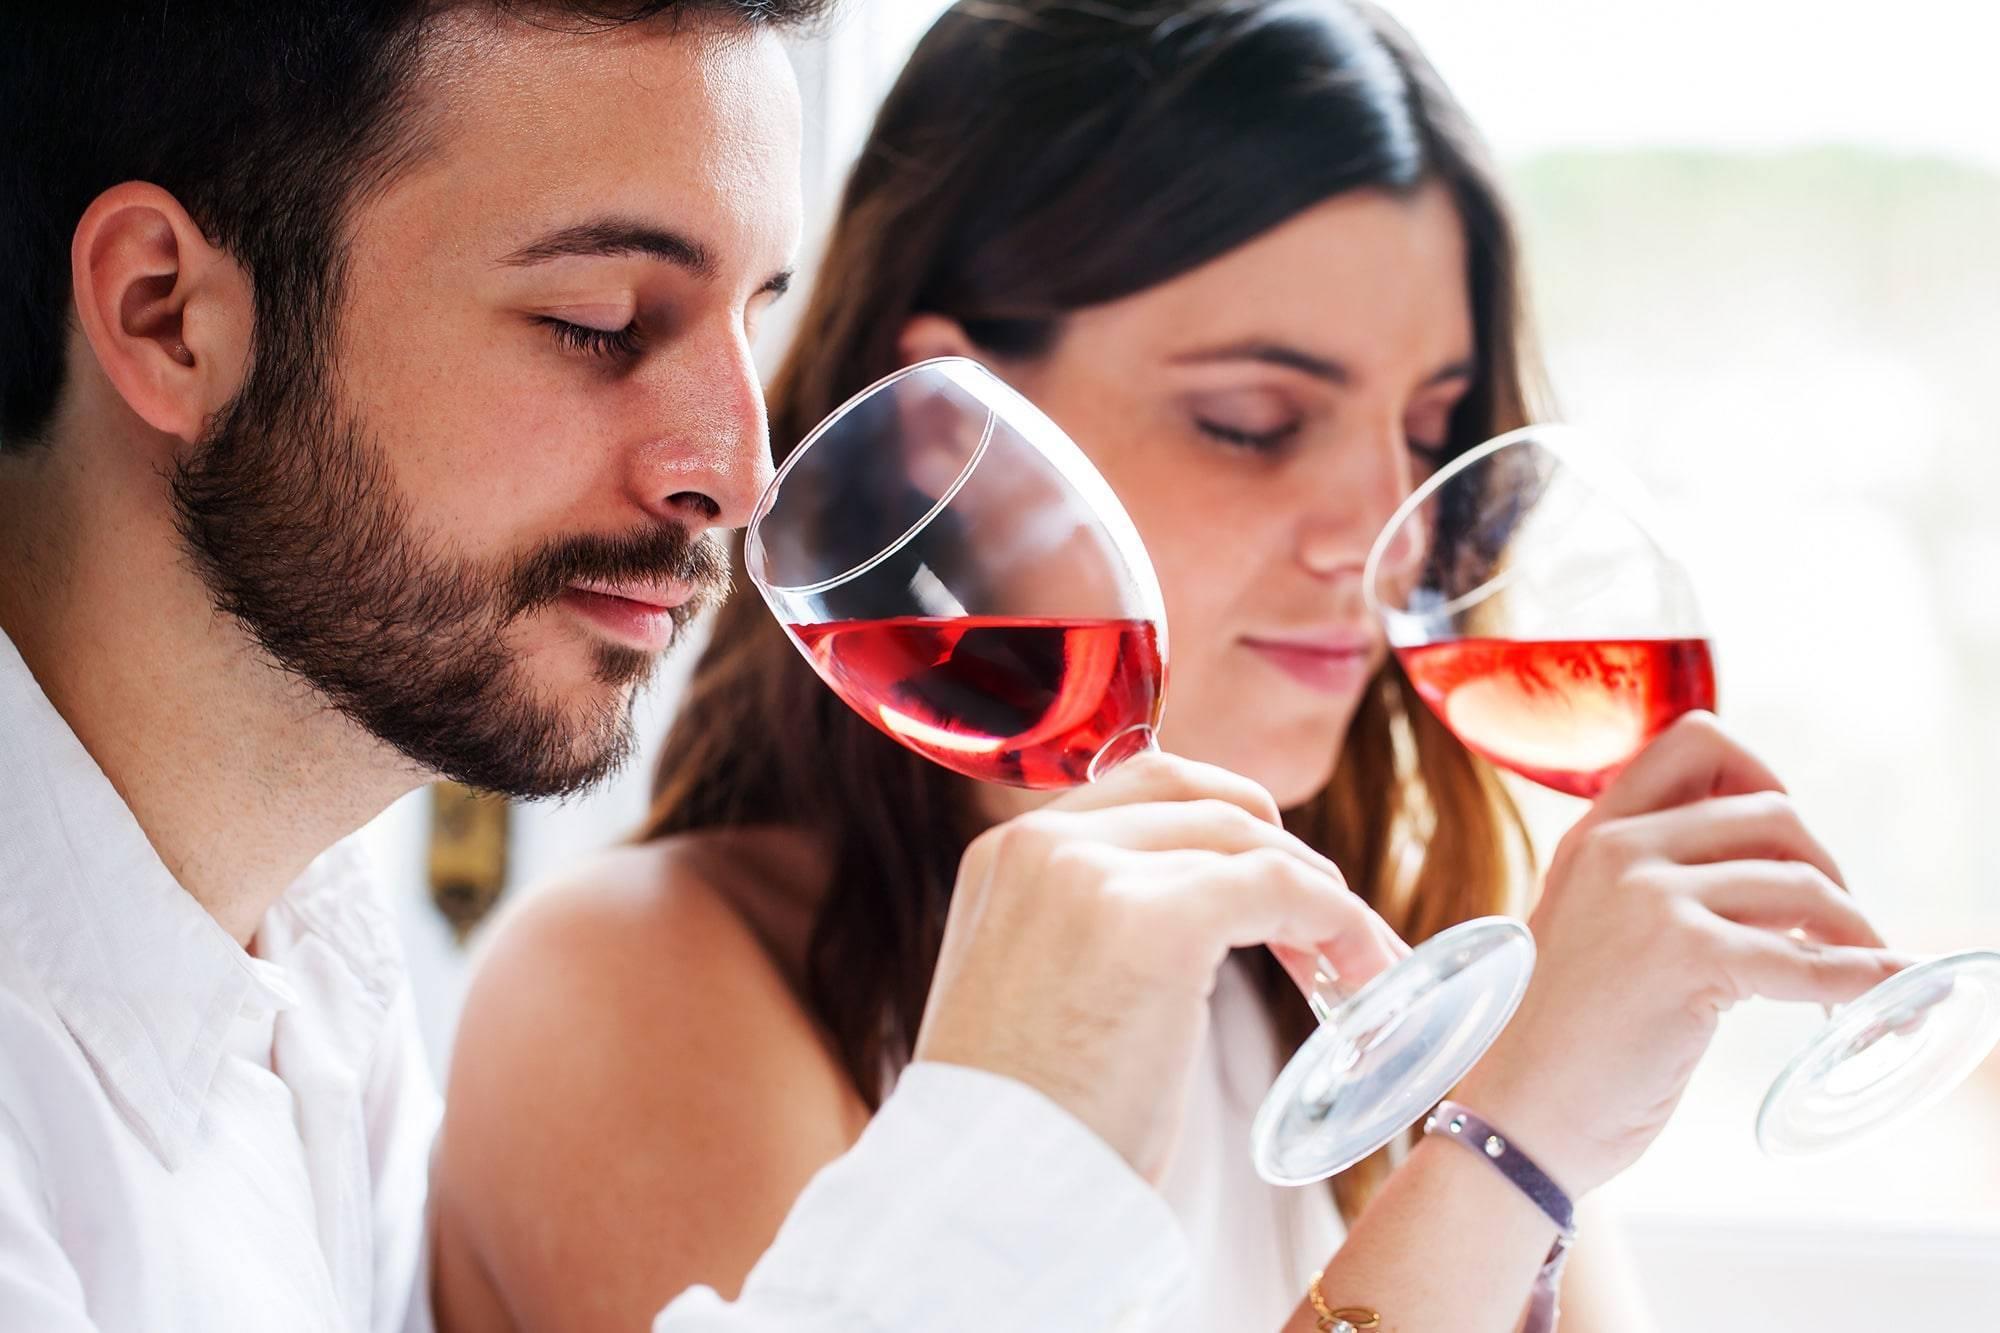 Как правильно дегустировать красное вино